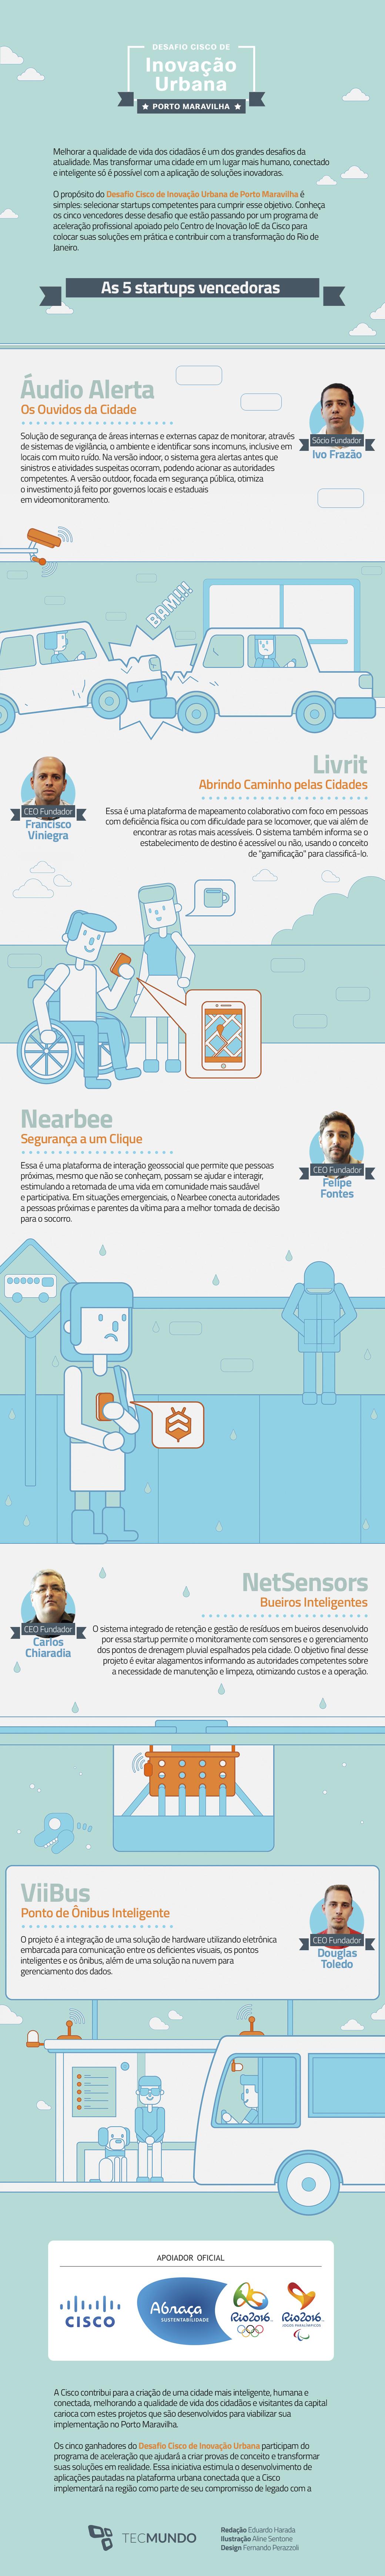 Confira os vencedores do Desafio Cisco de Inovação Urbana [infográfico]